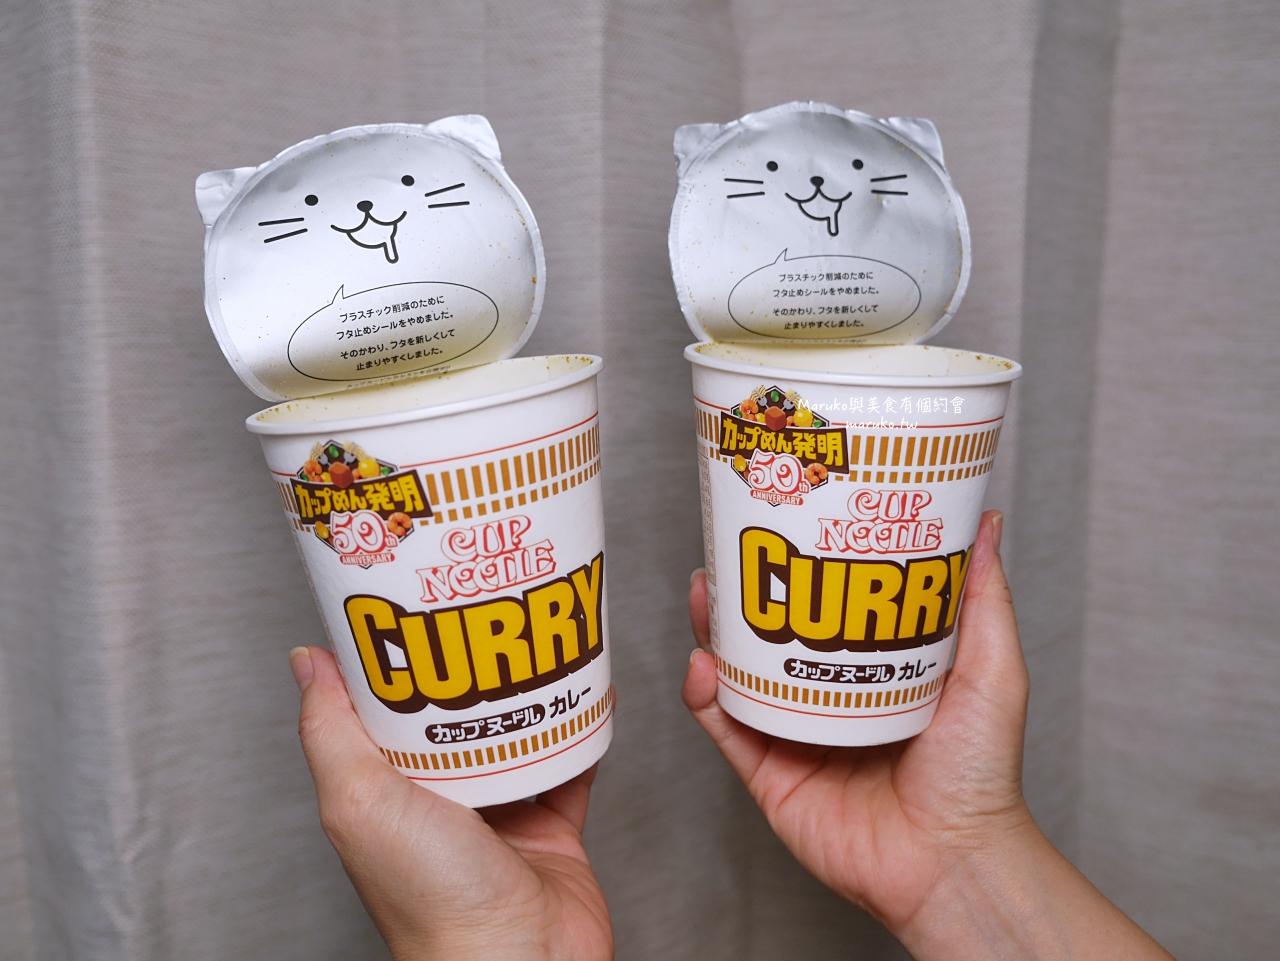 【日清泡麵】50周年紀念版 超萌!貓耳朵杯蓋 還有創意蒸蛋吃法 @Maruko與美食有個約會